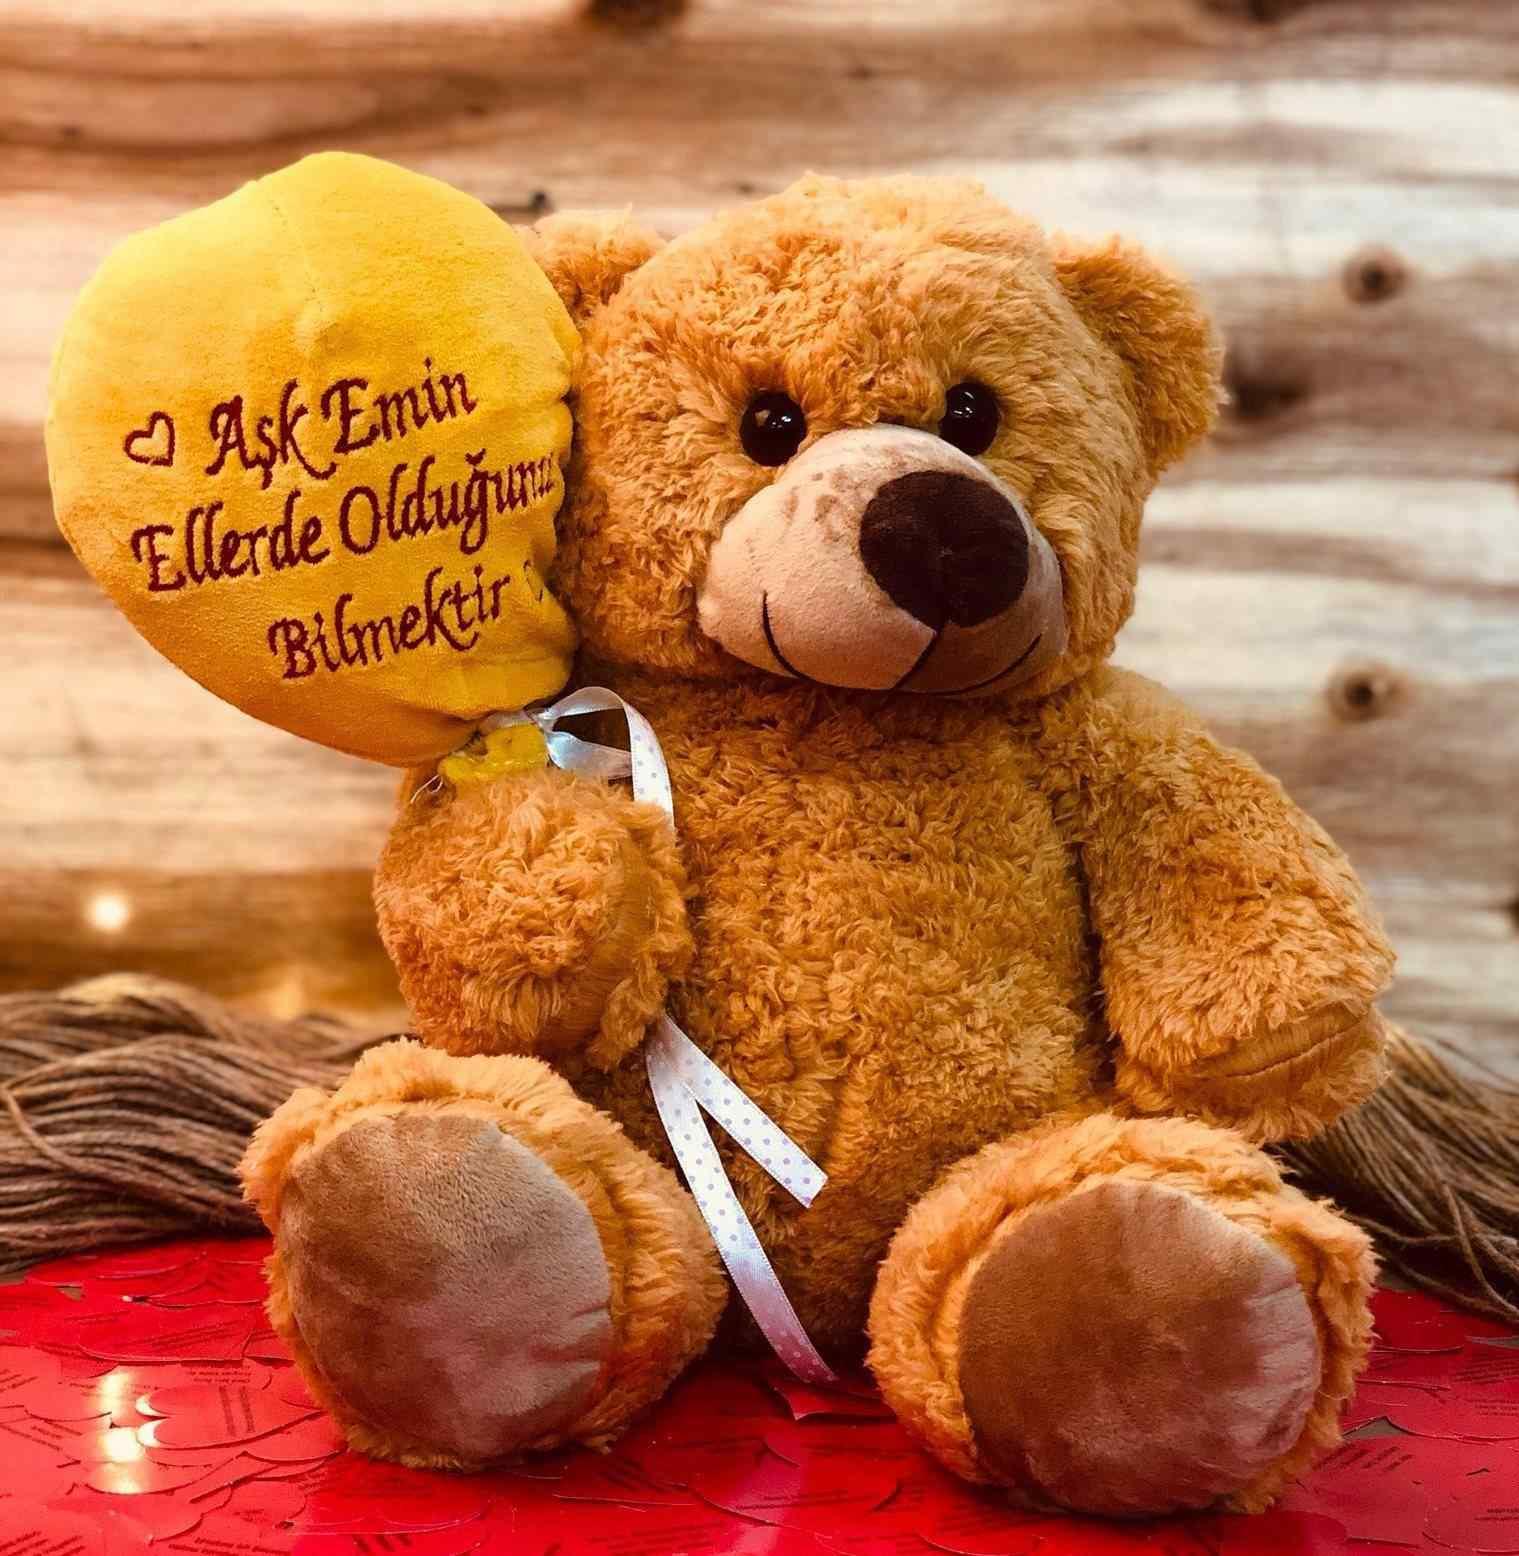 Aşk Emin Ellerde Olduğunu Bilmektir Aşk Sözleri Dolu Balonlu Ayıcık Sevgiliye Hediye